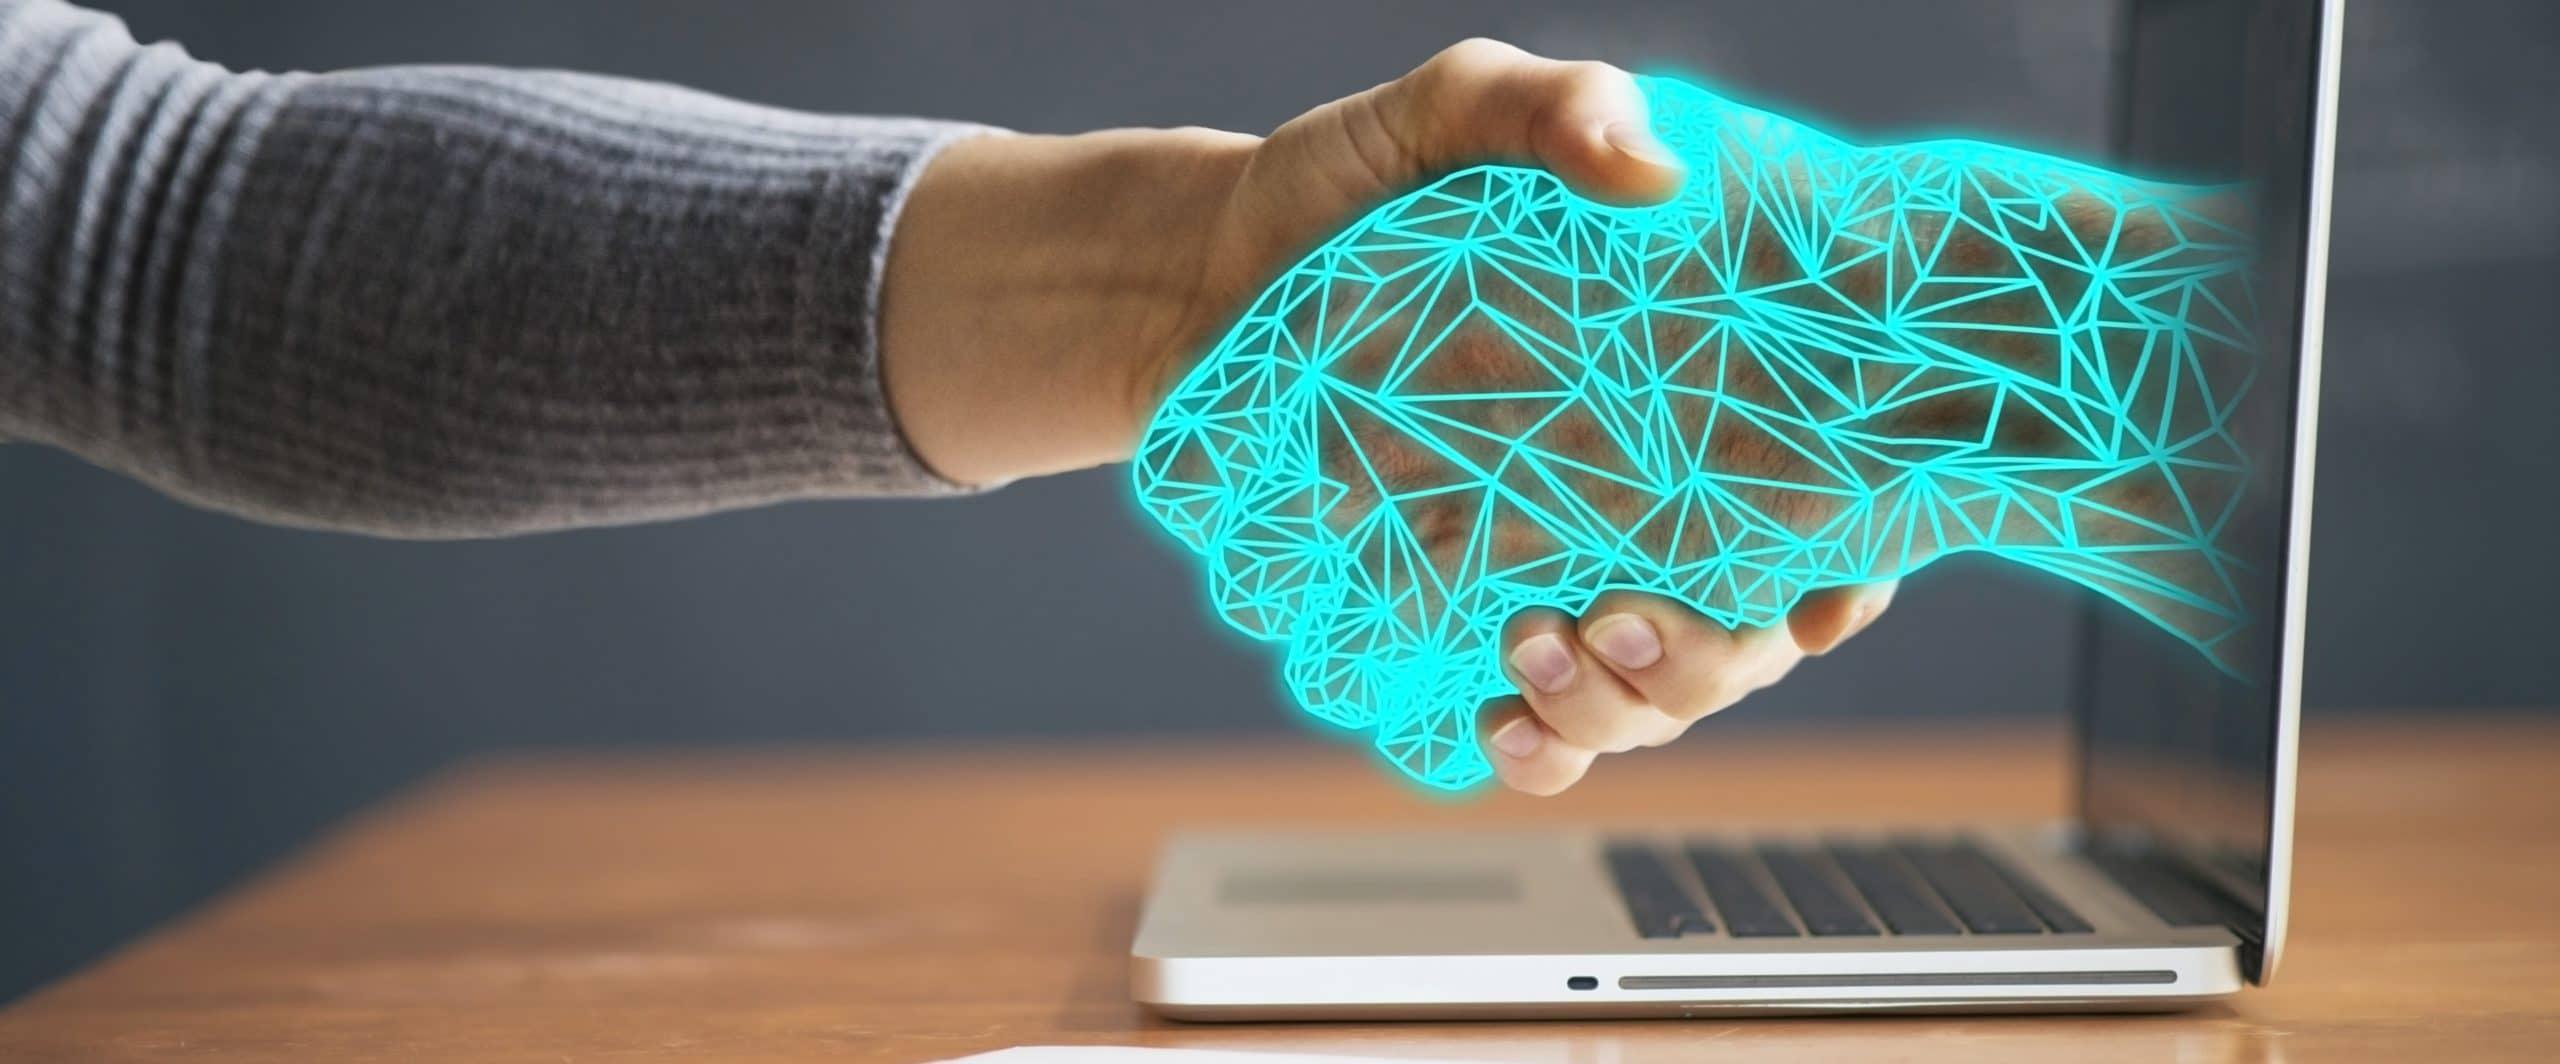 Innovationen im Kundenservice, die Ihnen jetzt weiterhelfen!